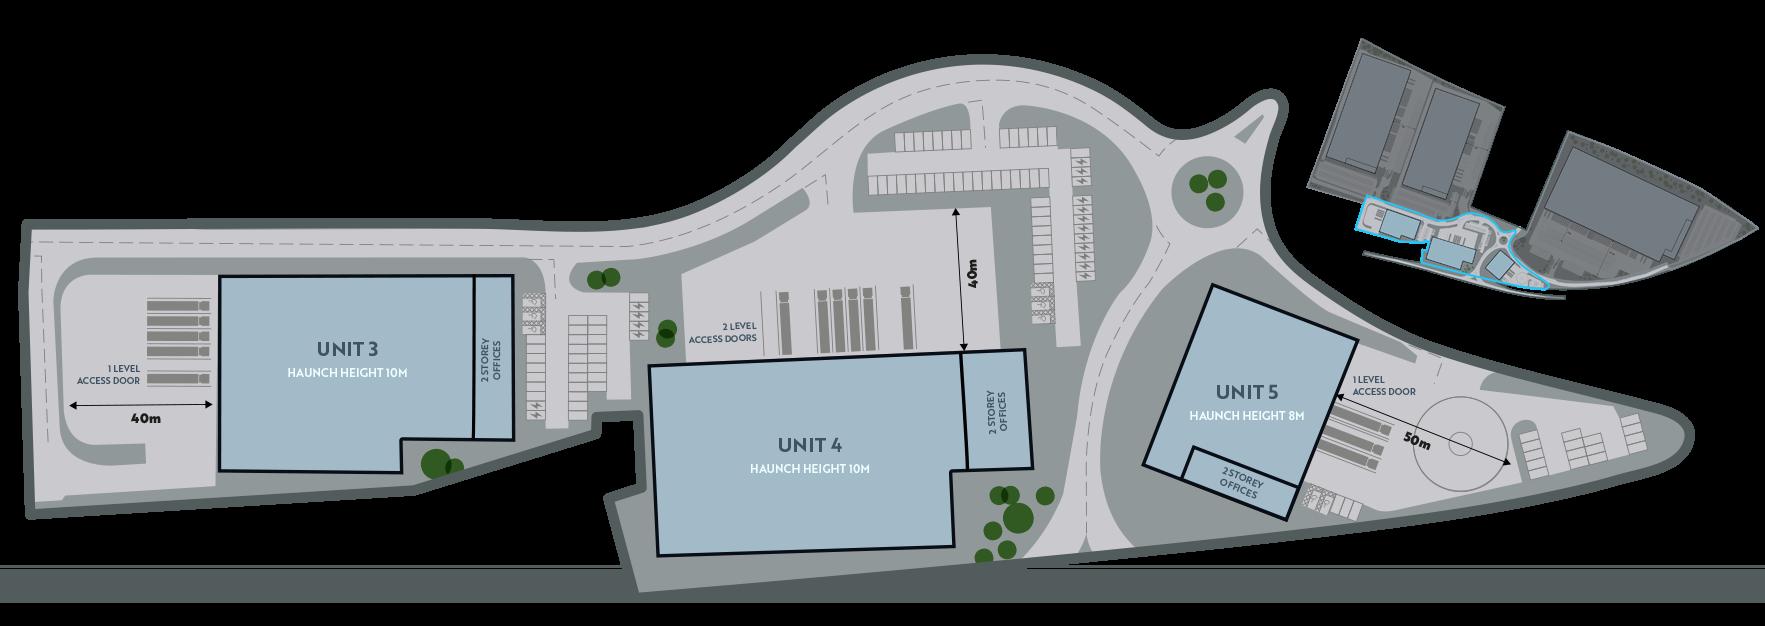 Phase 1 layout